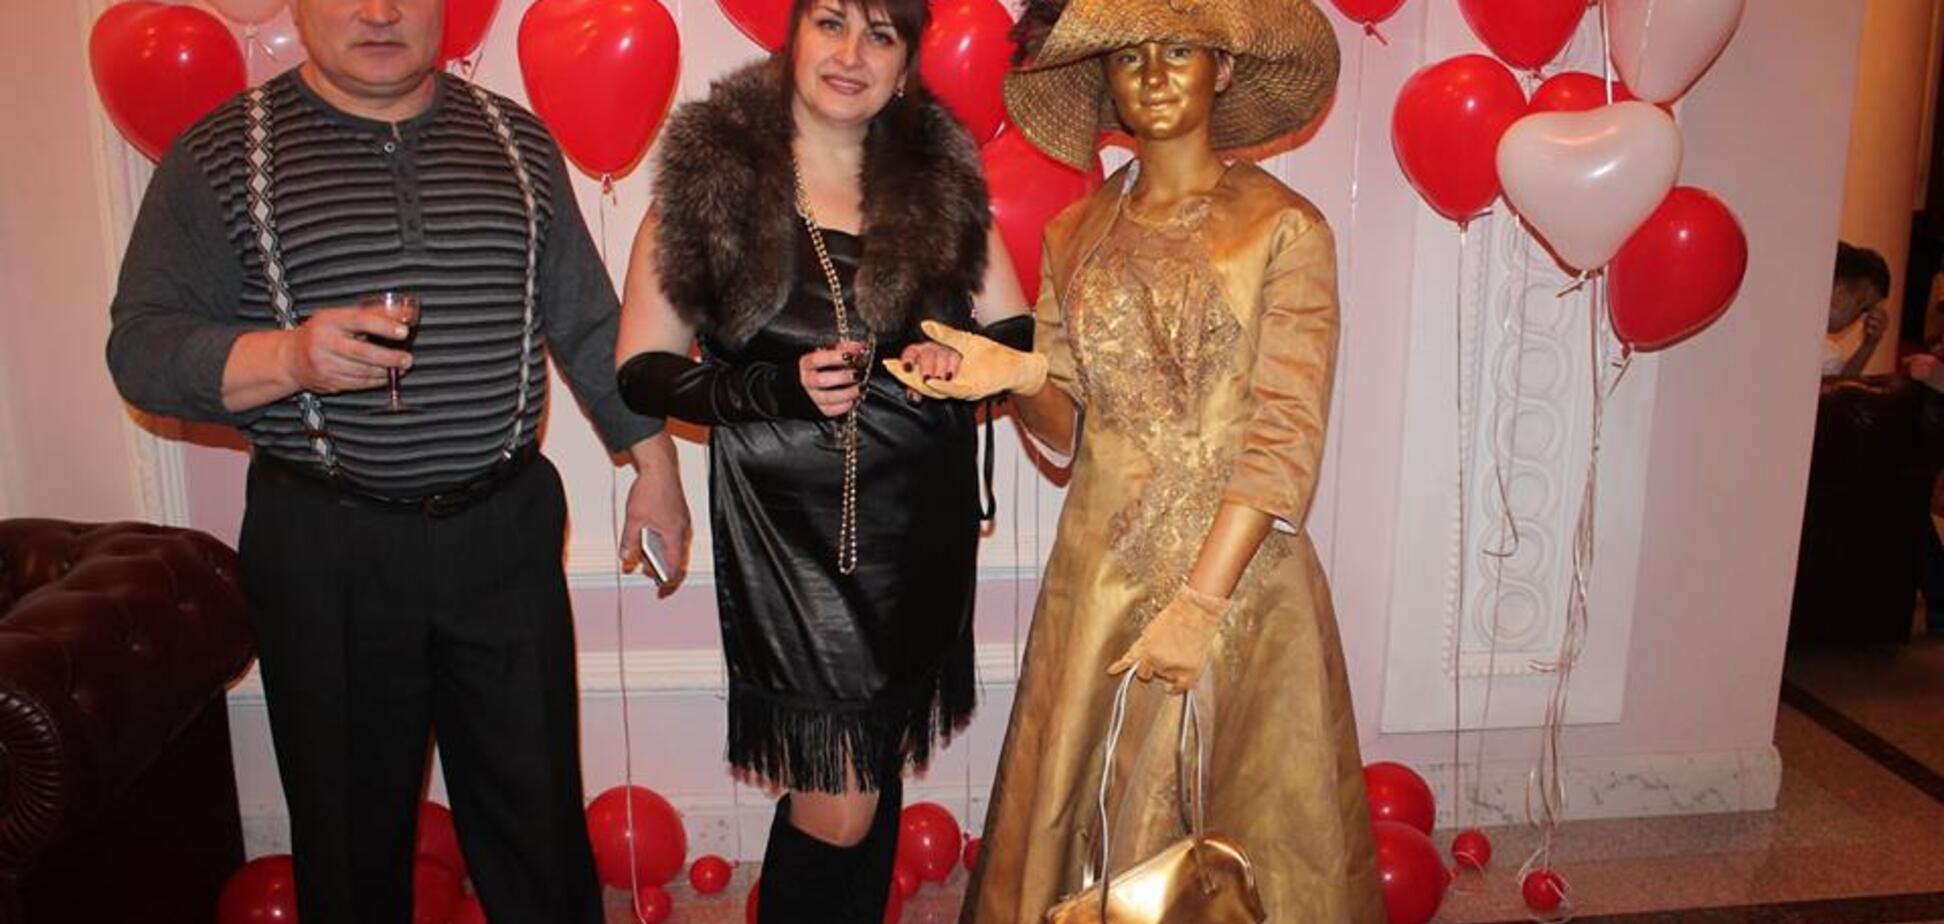 'Глаза вылезли': фото бала в Кропивницком с 'Ди Каприо' и колбасой попали в сеть